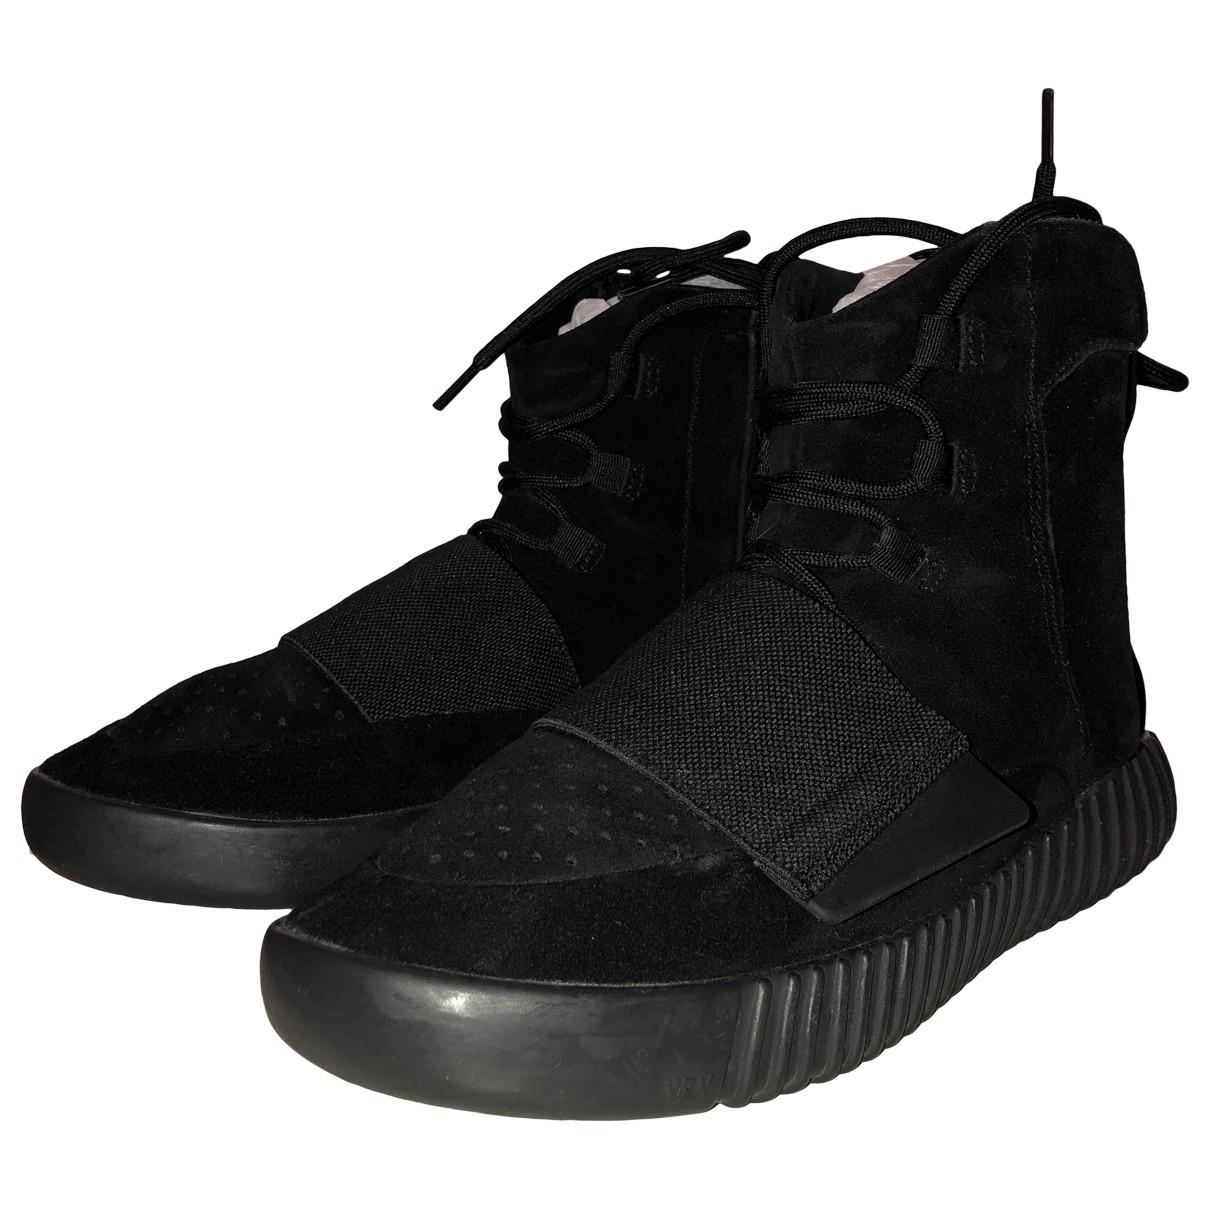 Yeezy X Adidas - Baskets Boost 750  pour homme en suede - noir